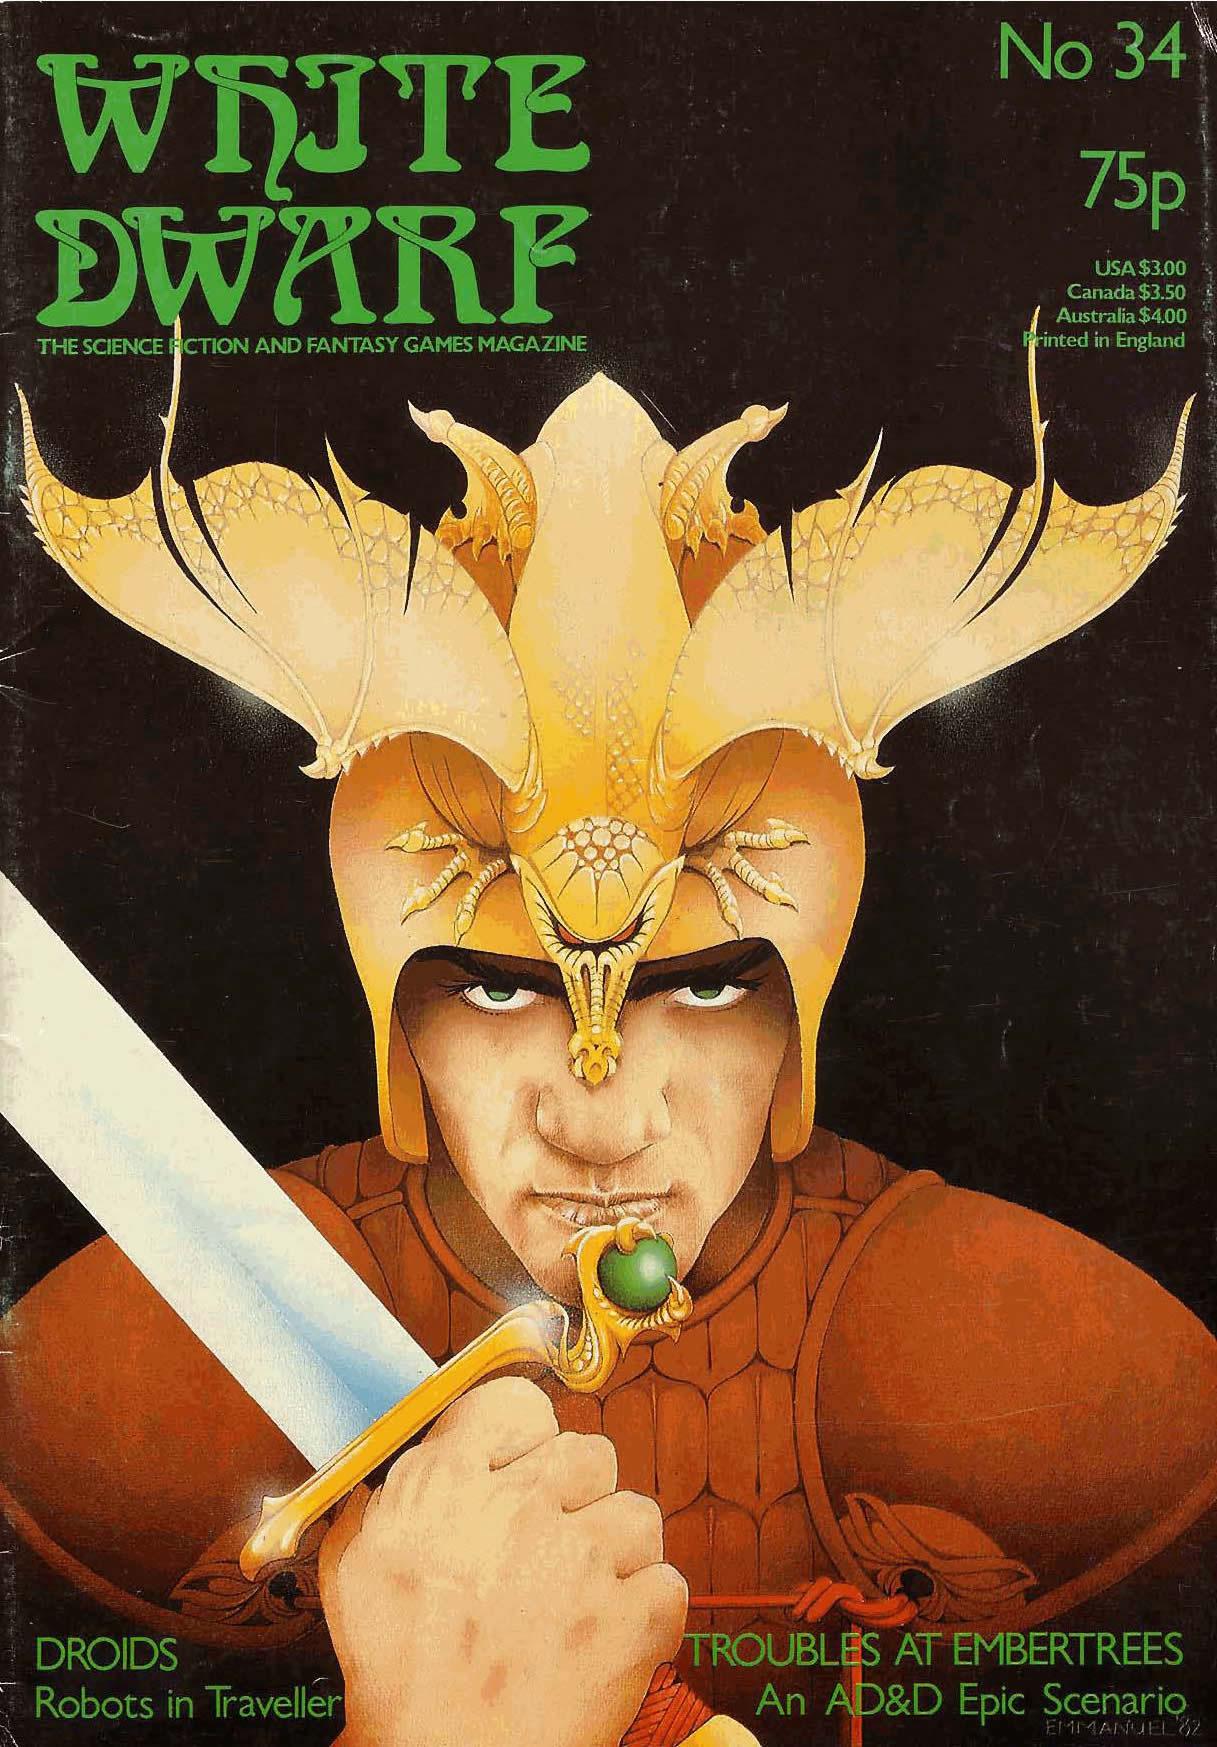 White Dwarf 34